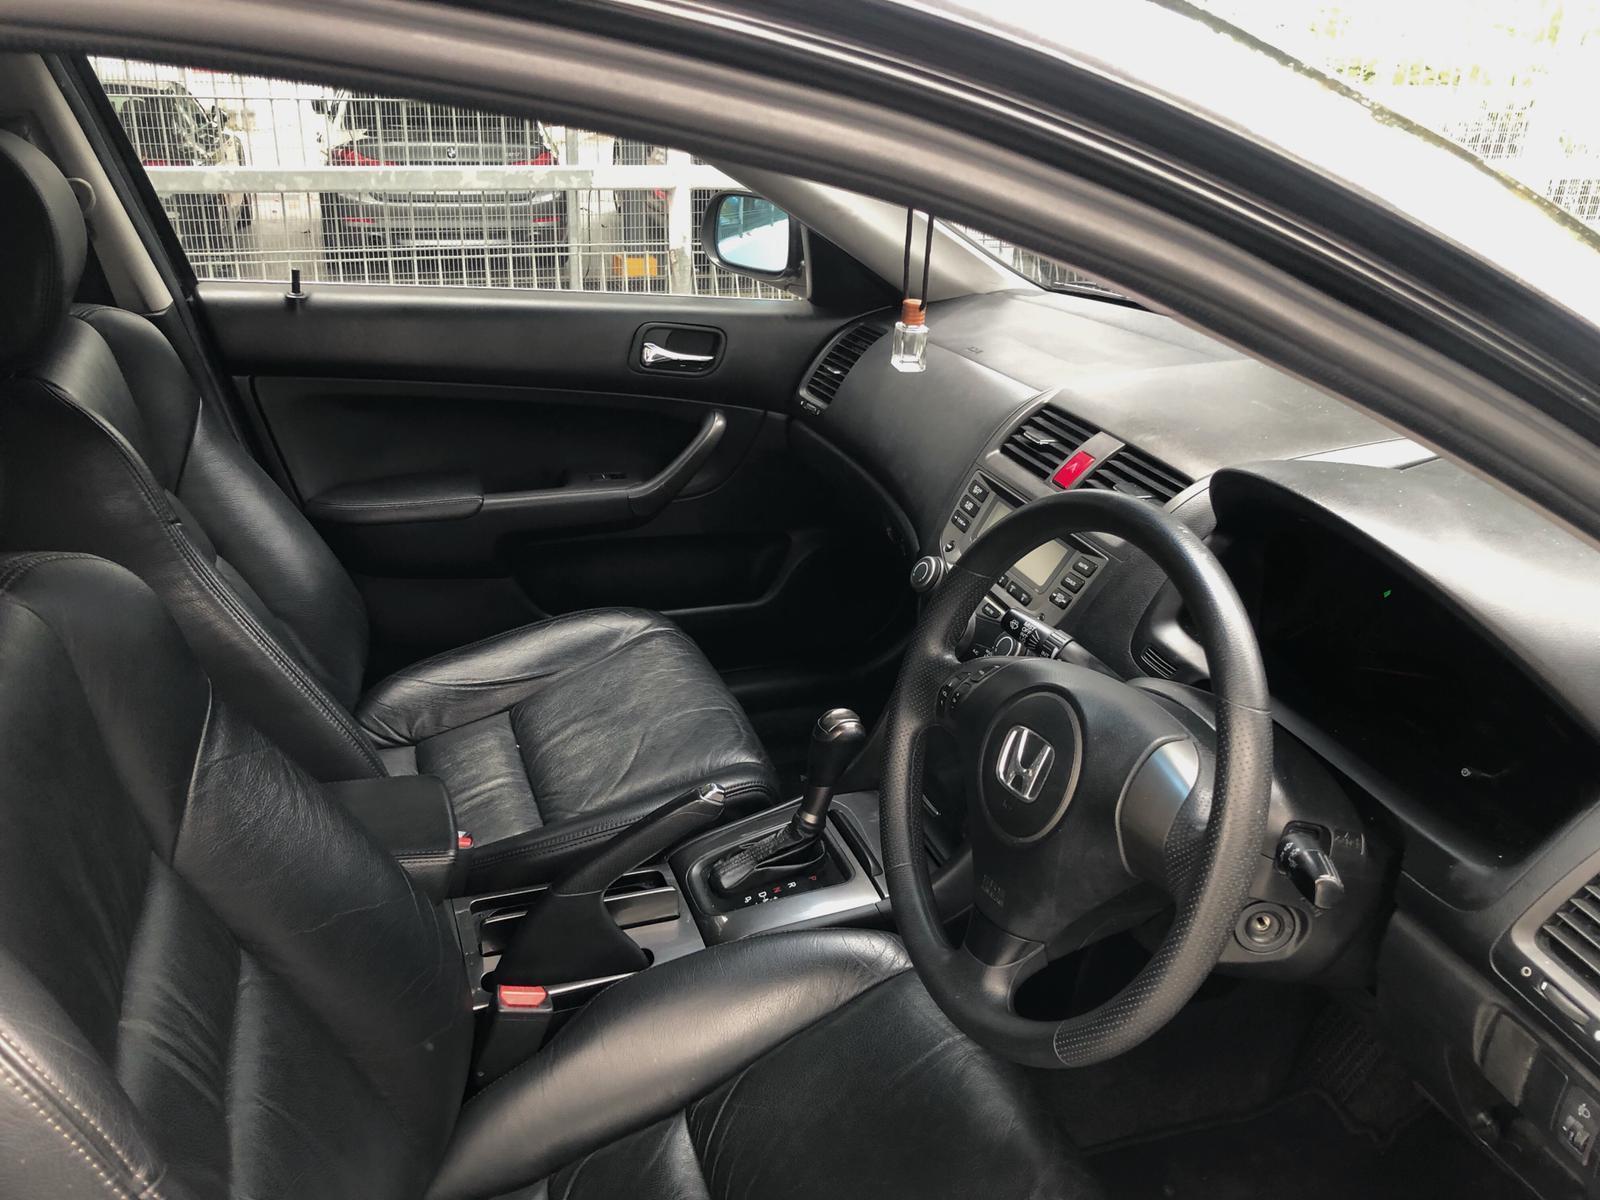 Honda Accord 1.8 Cheap car rent Grab GoJek or Personal use